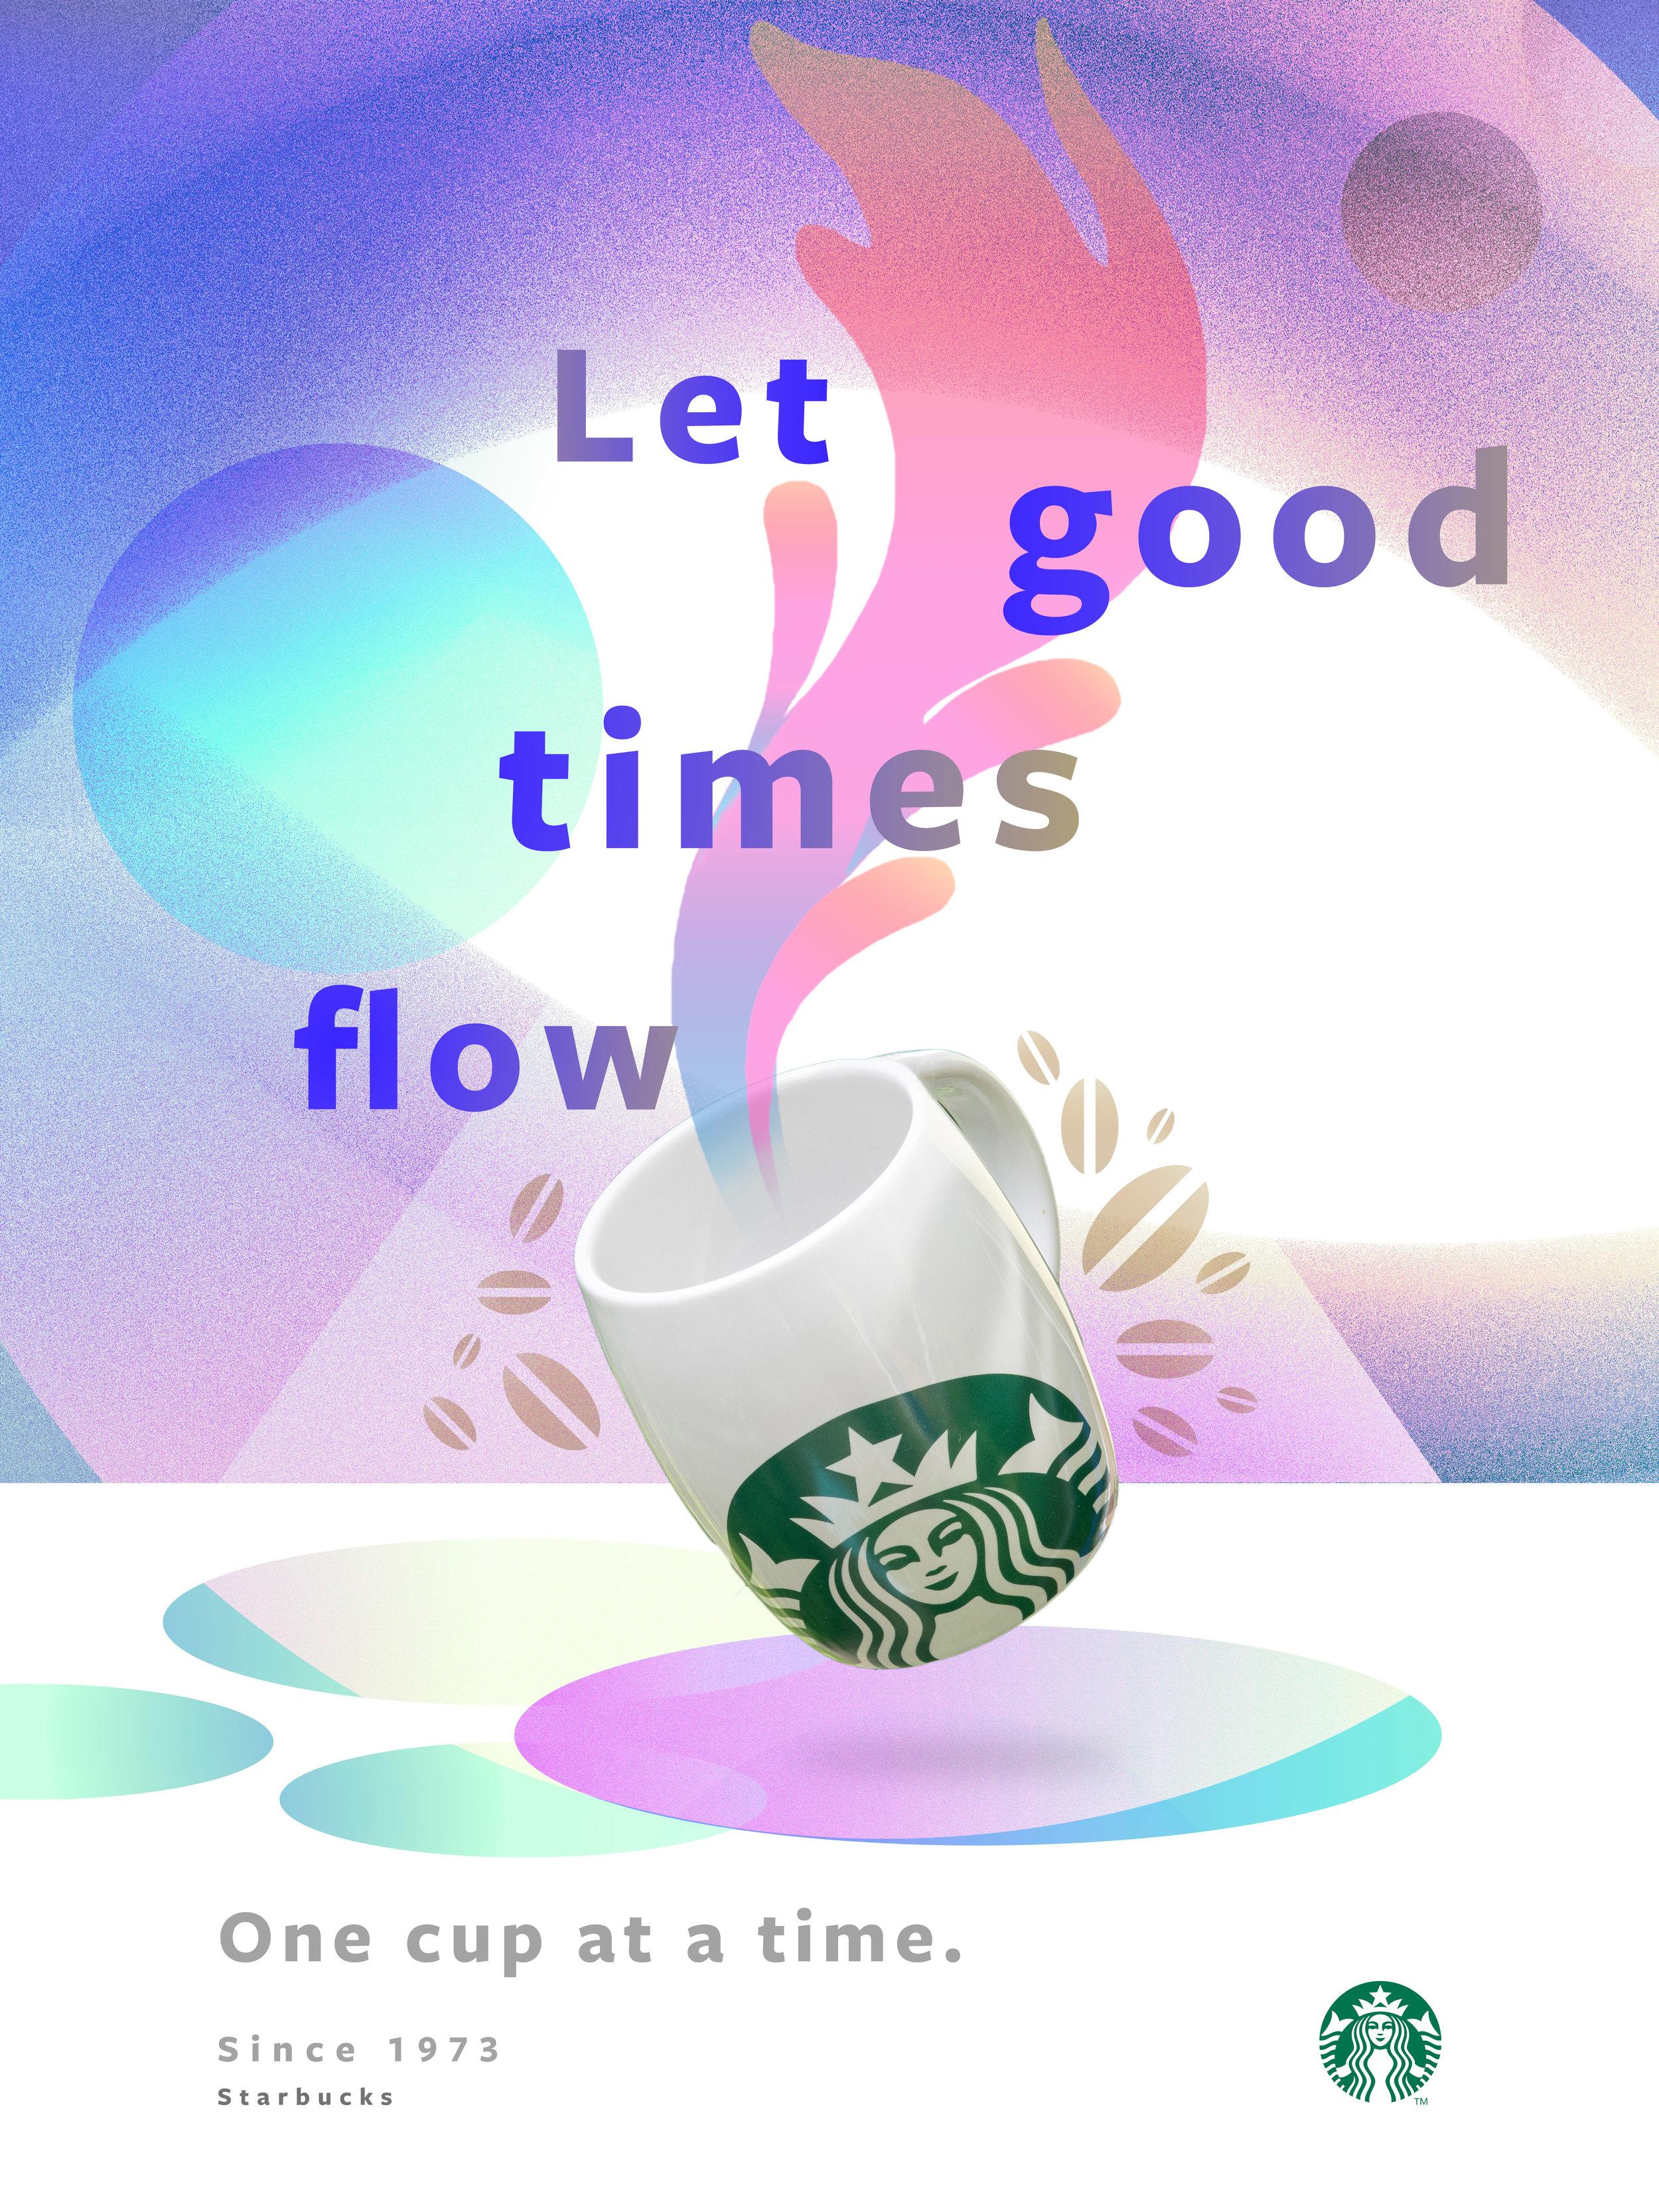 Starbucks 2nd September - Poster design.jpg